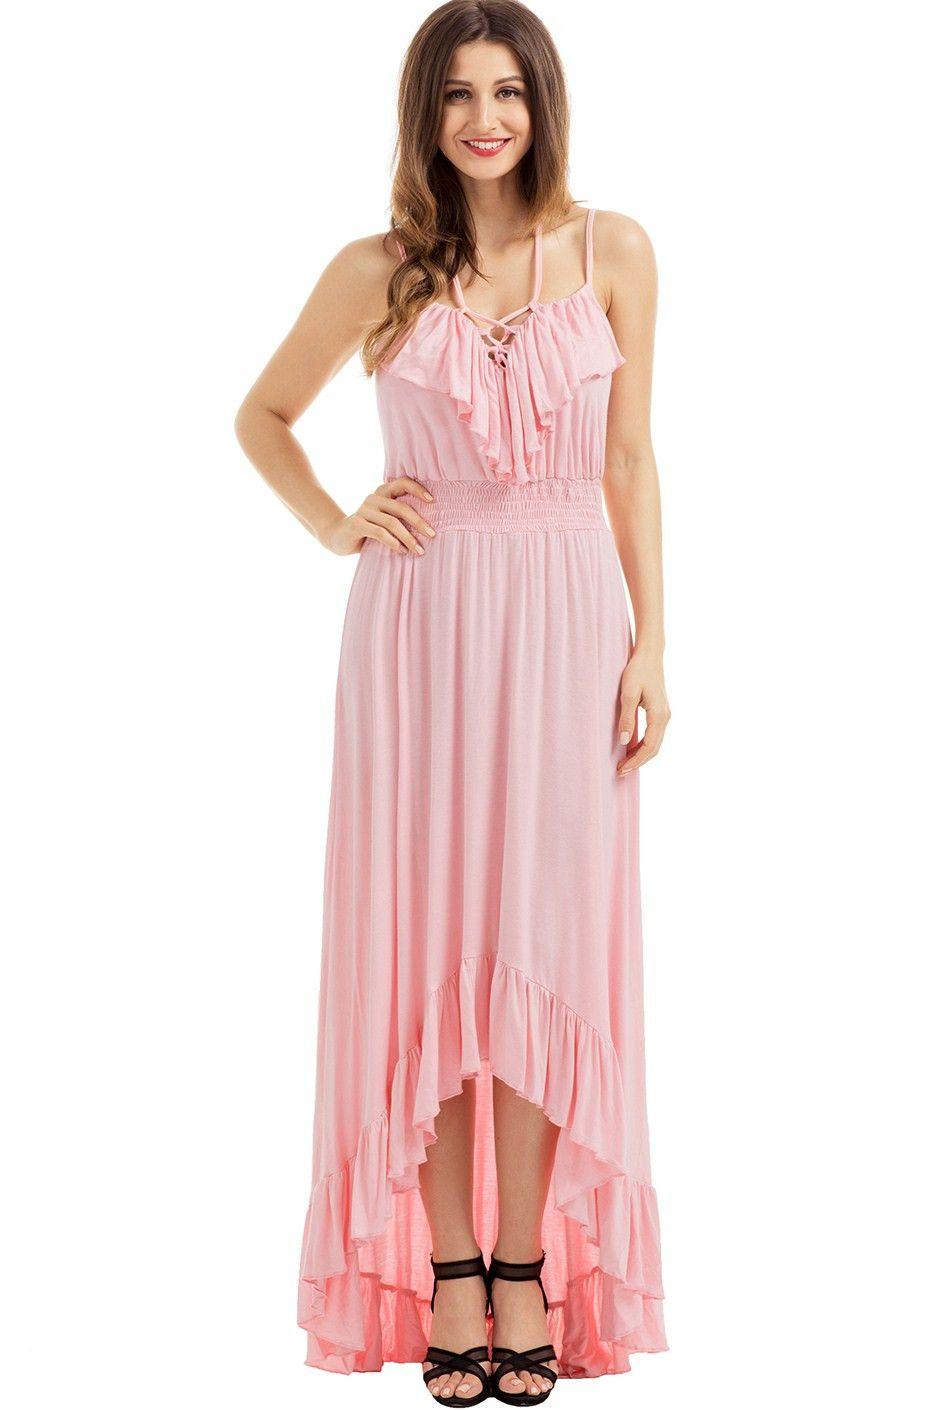 47996014ce8 Robe Longue Rose Salut-Bas Lacets A Bretelles Volants Pas Cher www.modebuy.